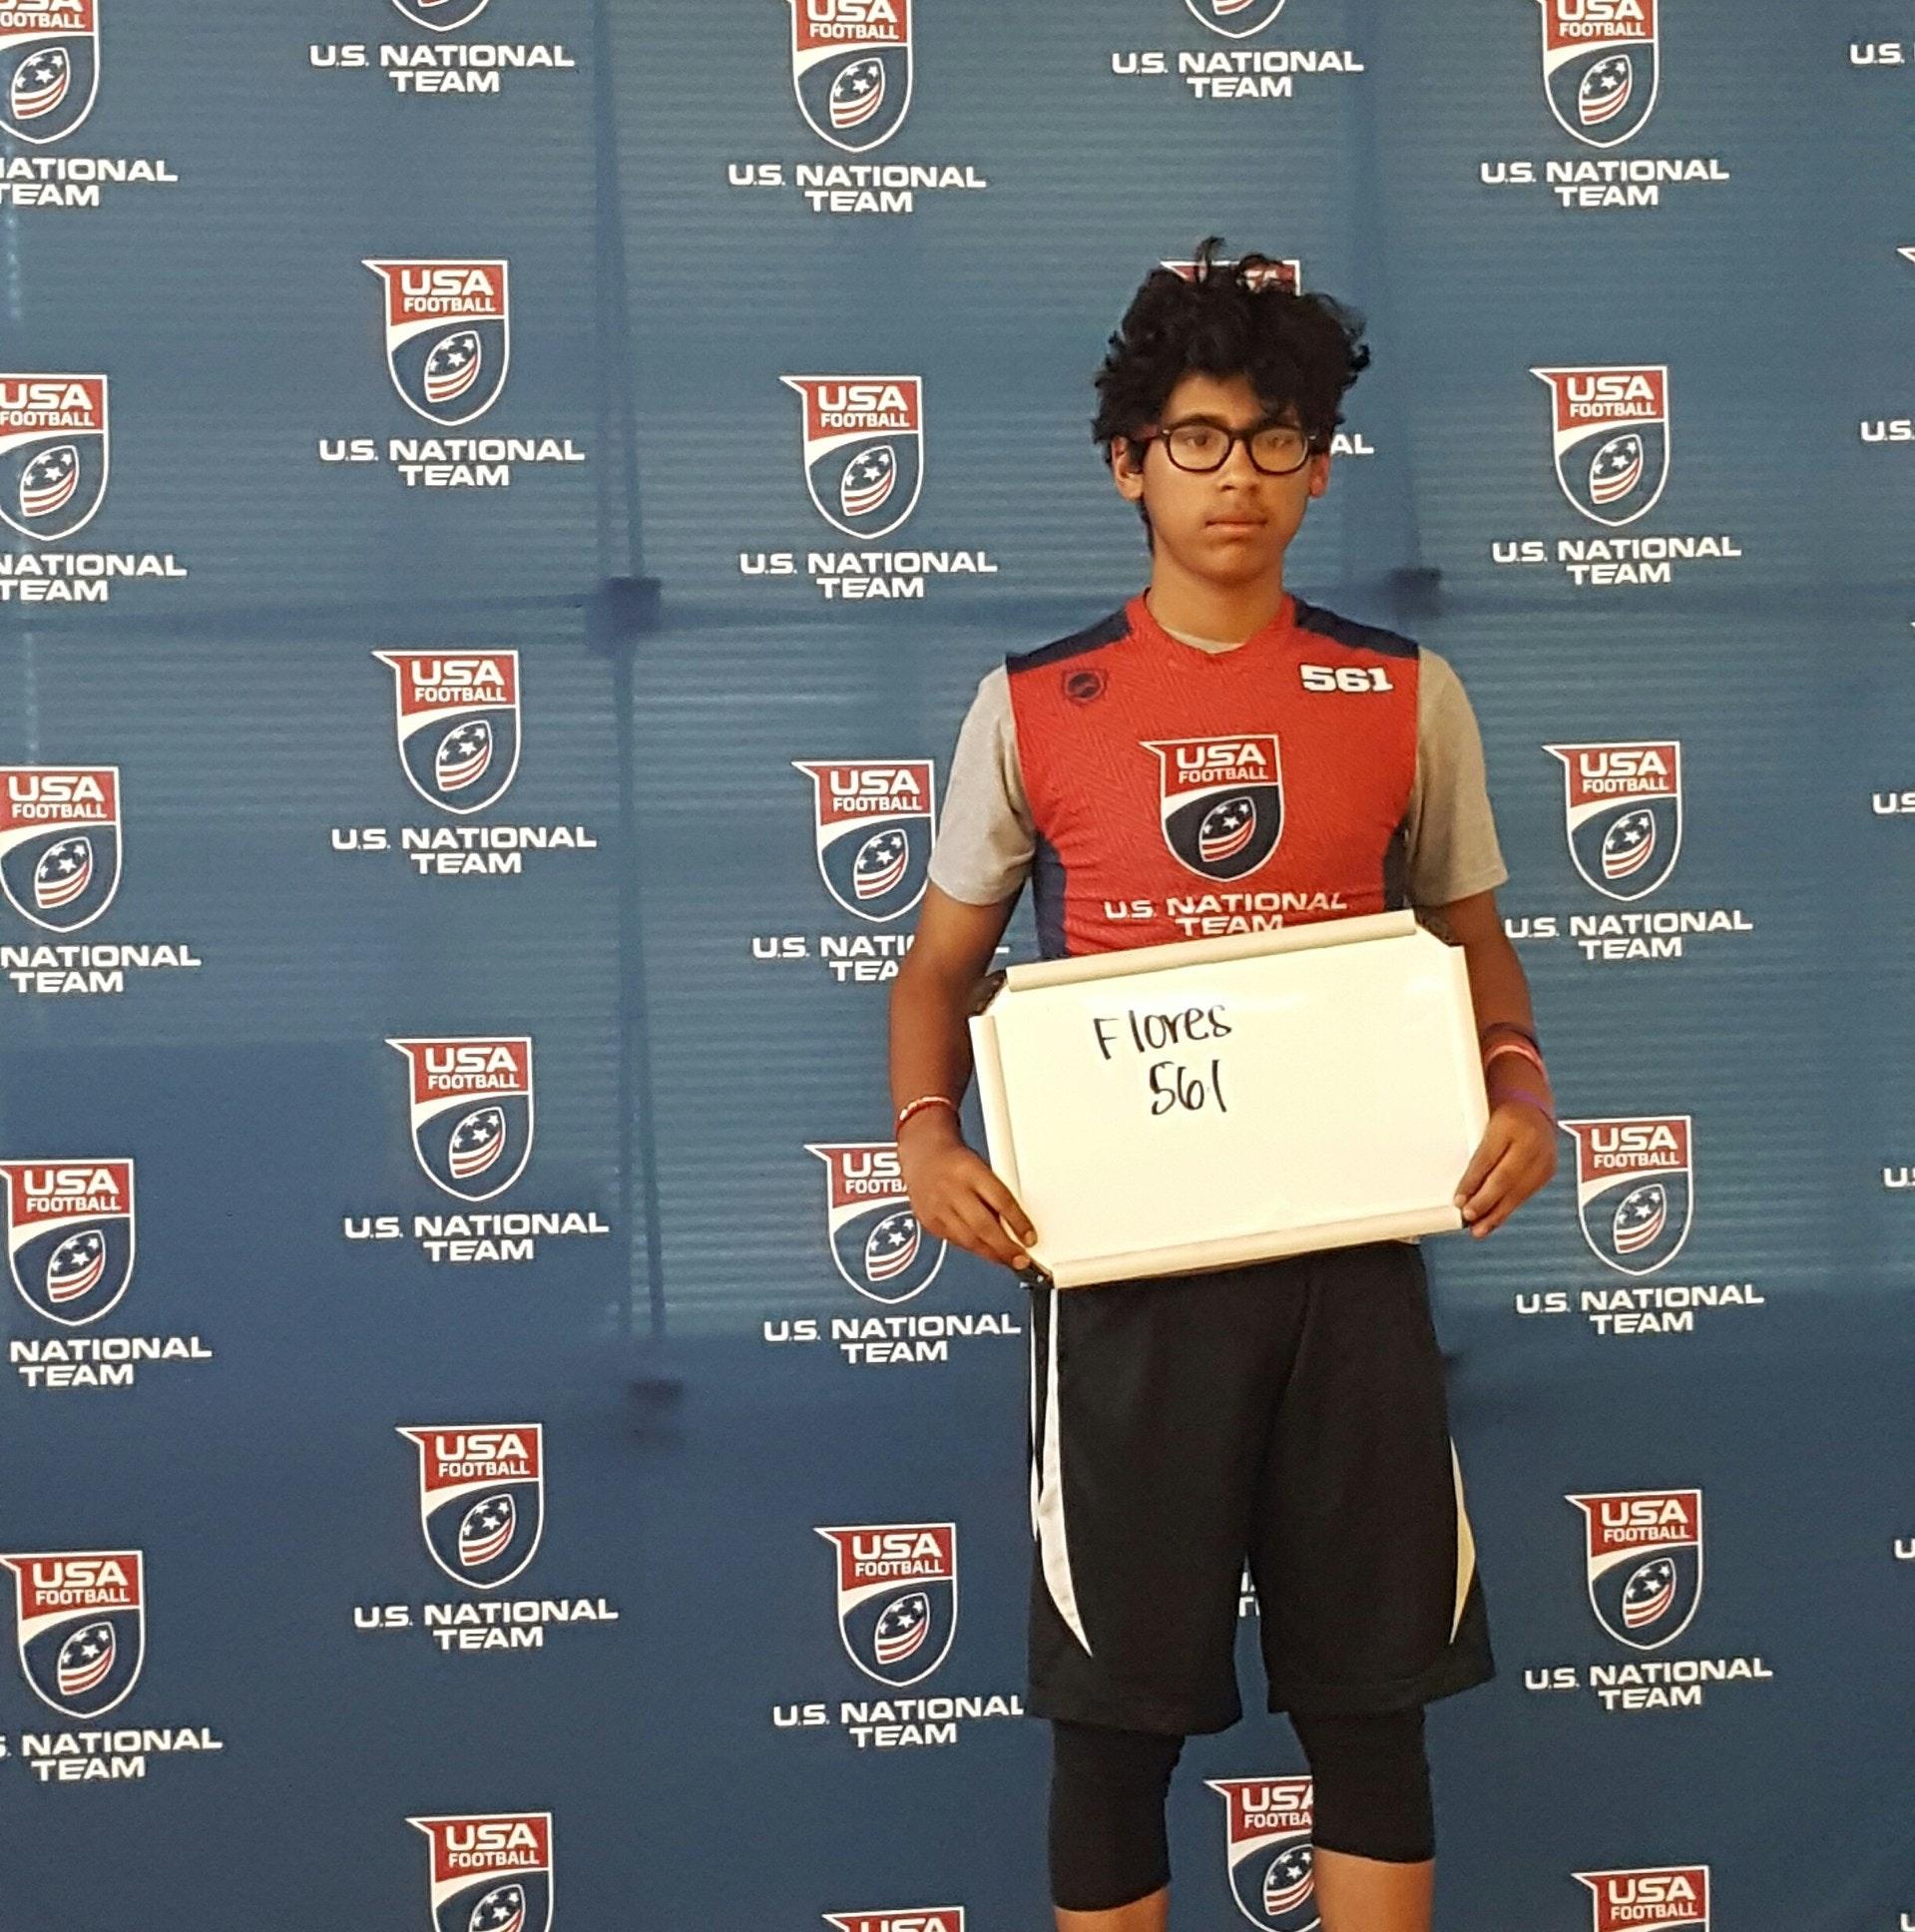 Francisco Flores USA Football